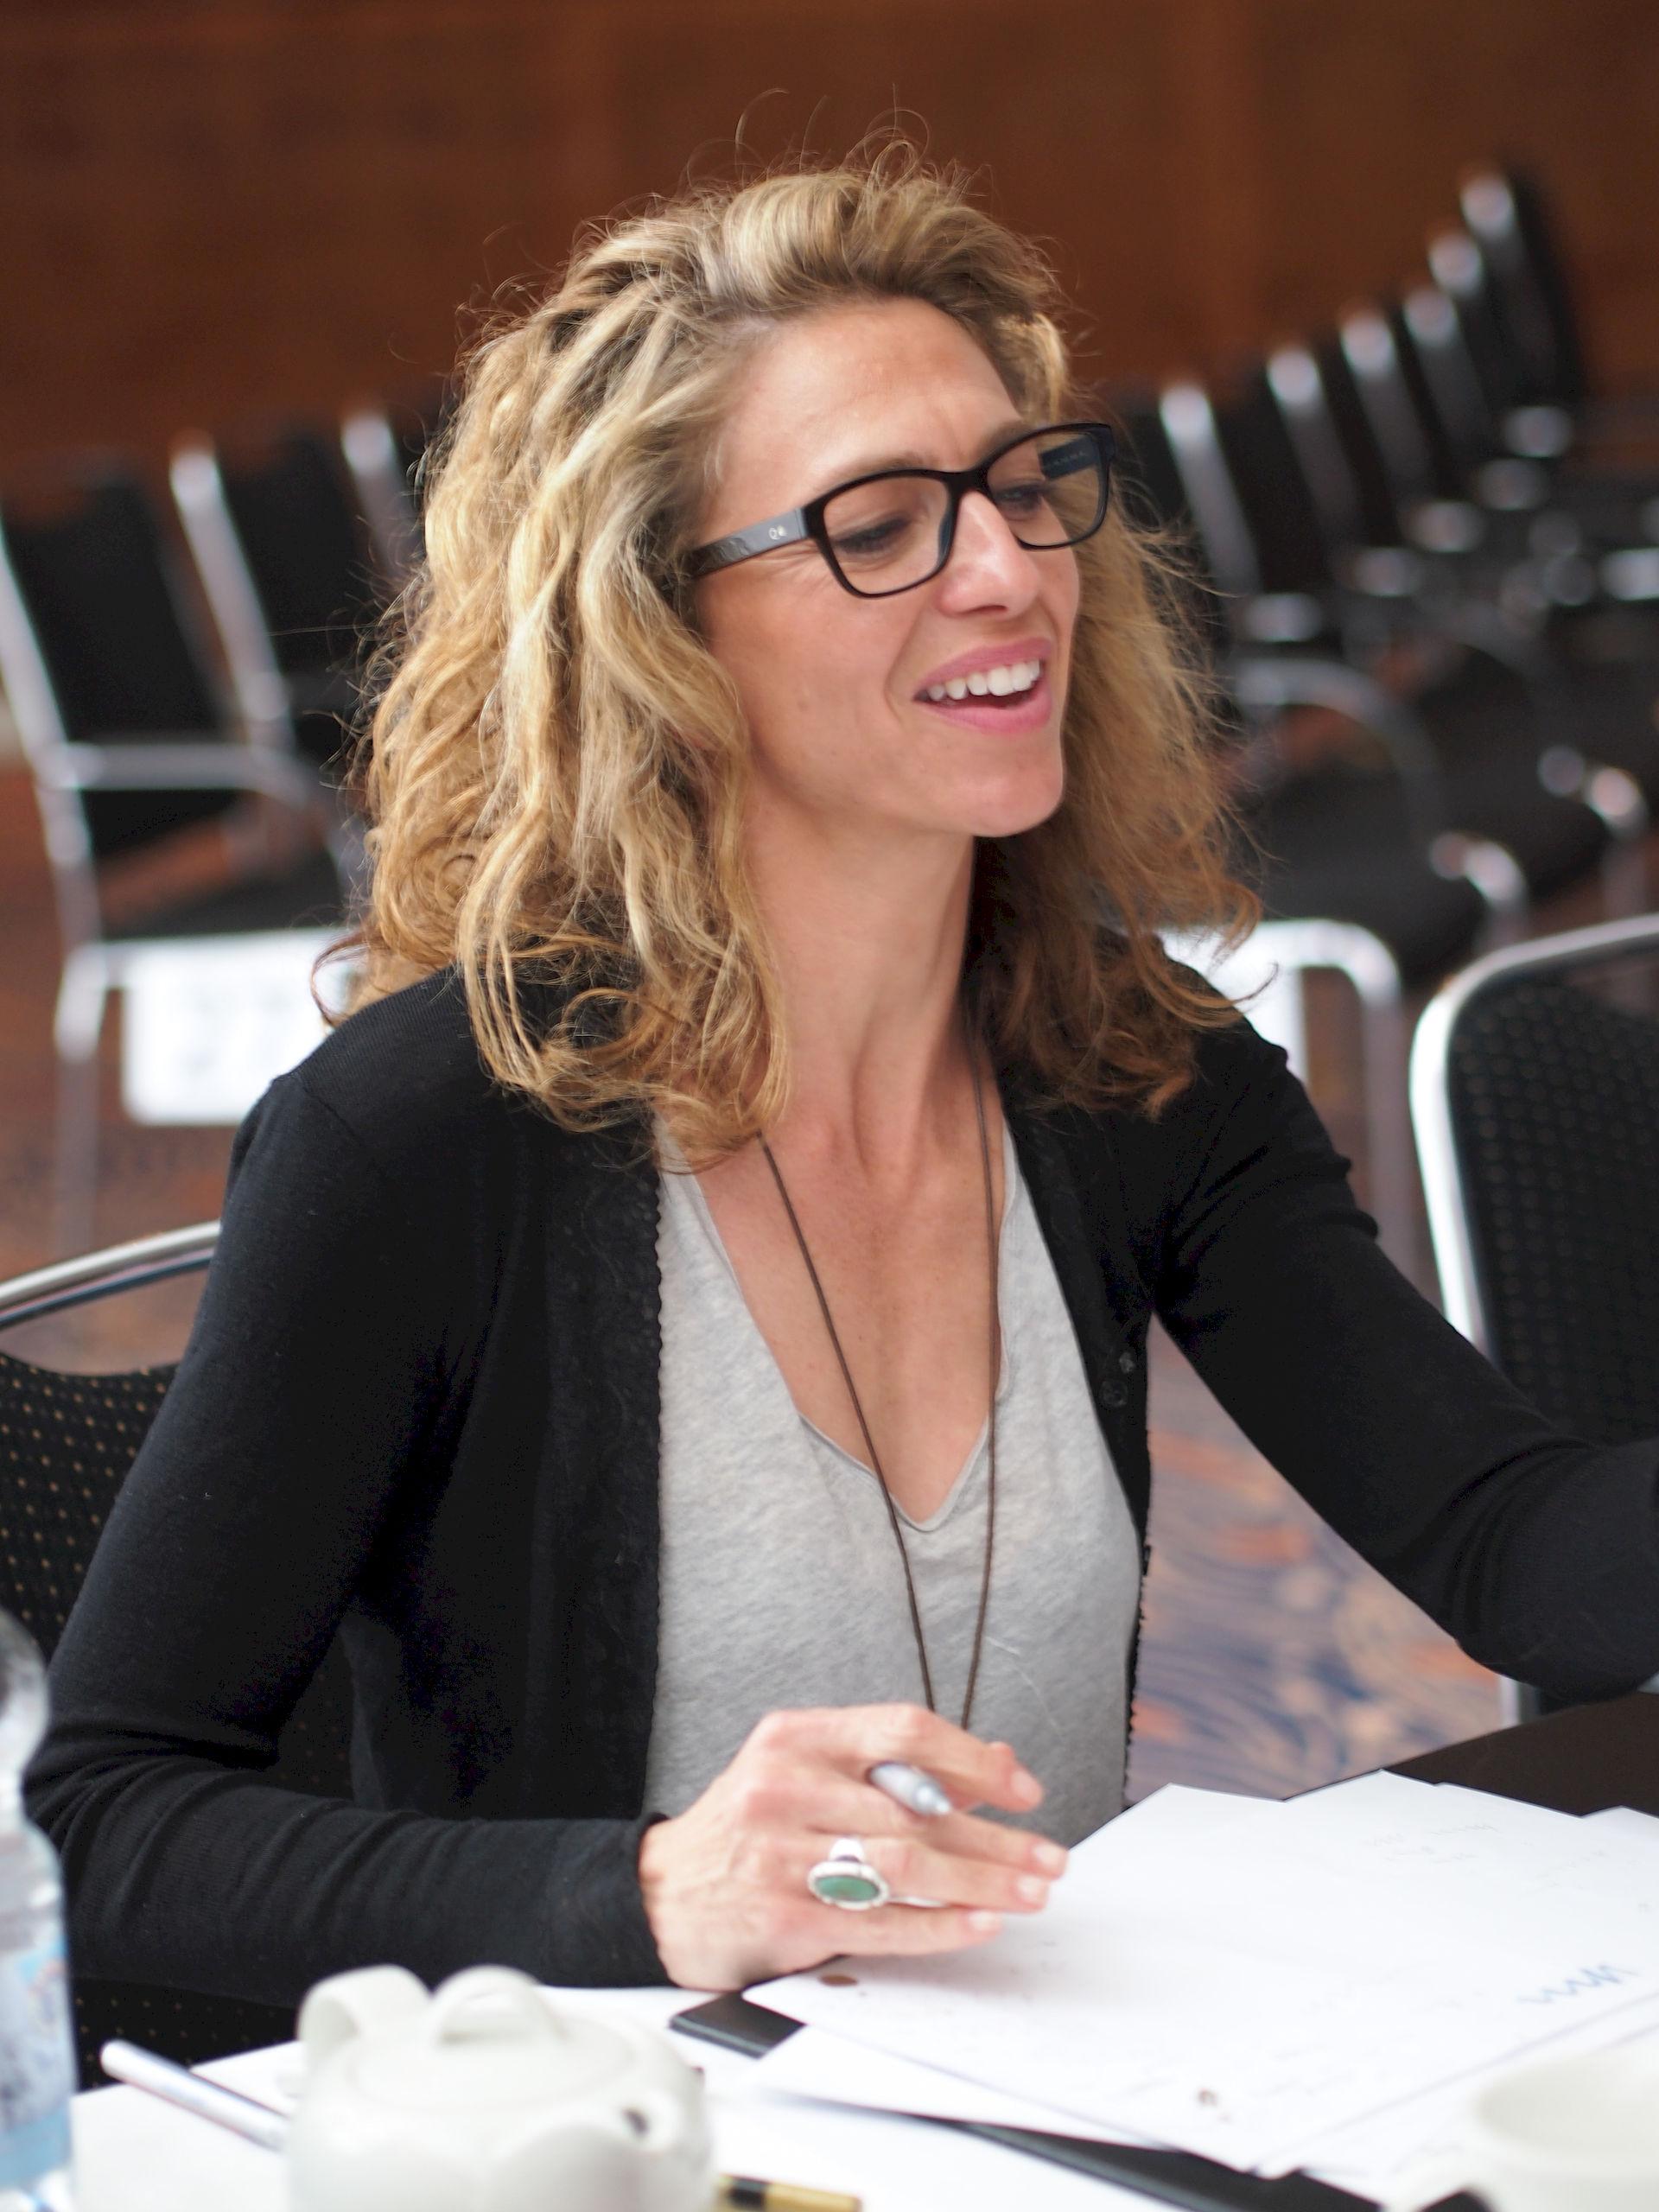 Photo of Claudia Black: Actress